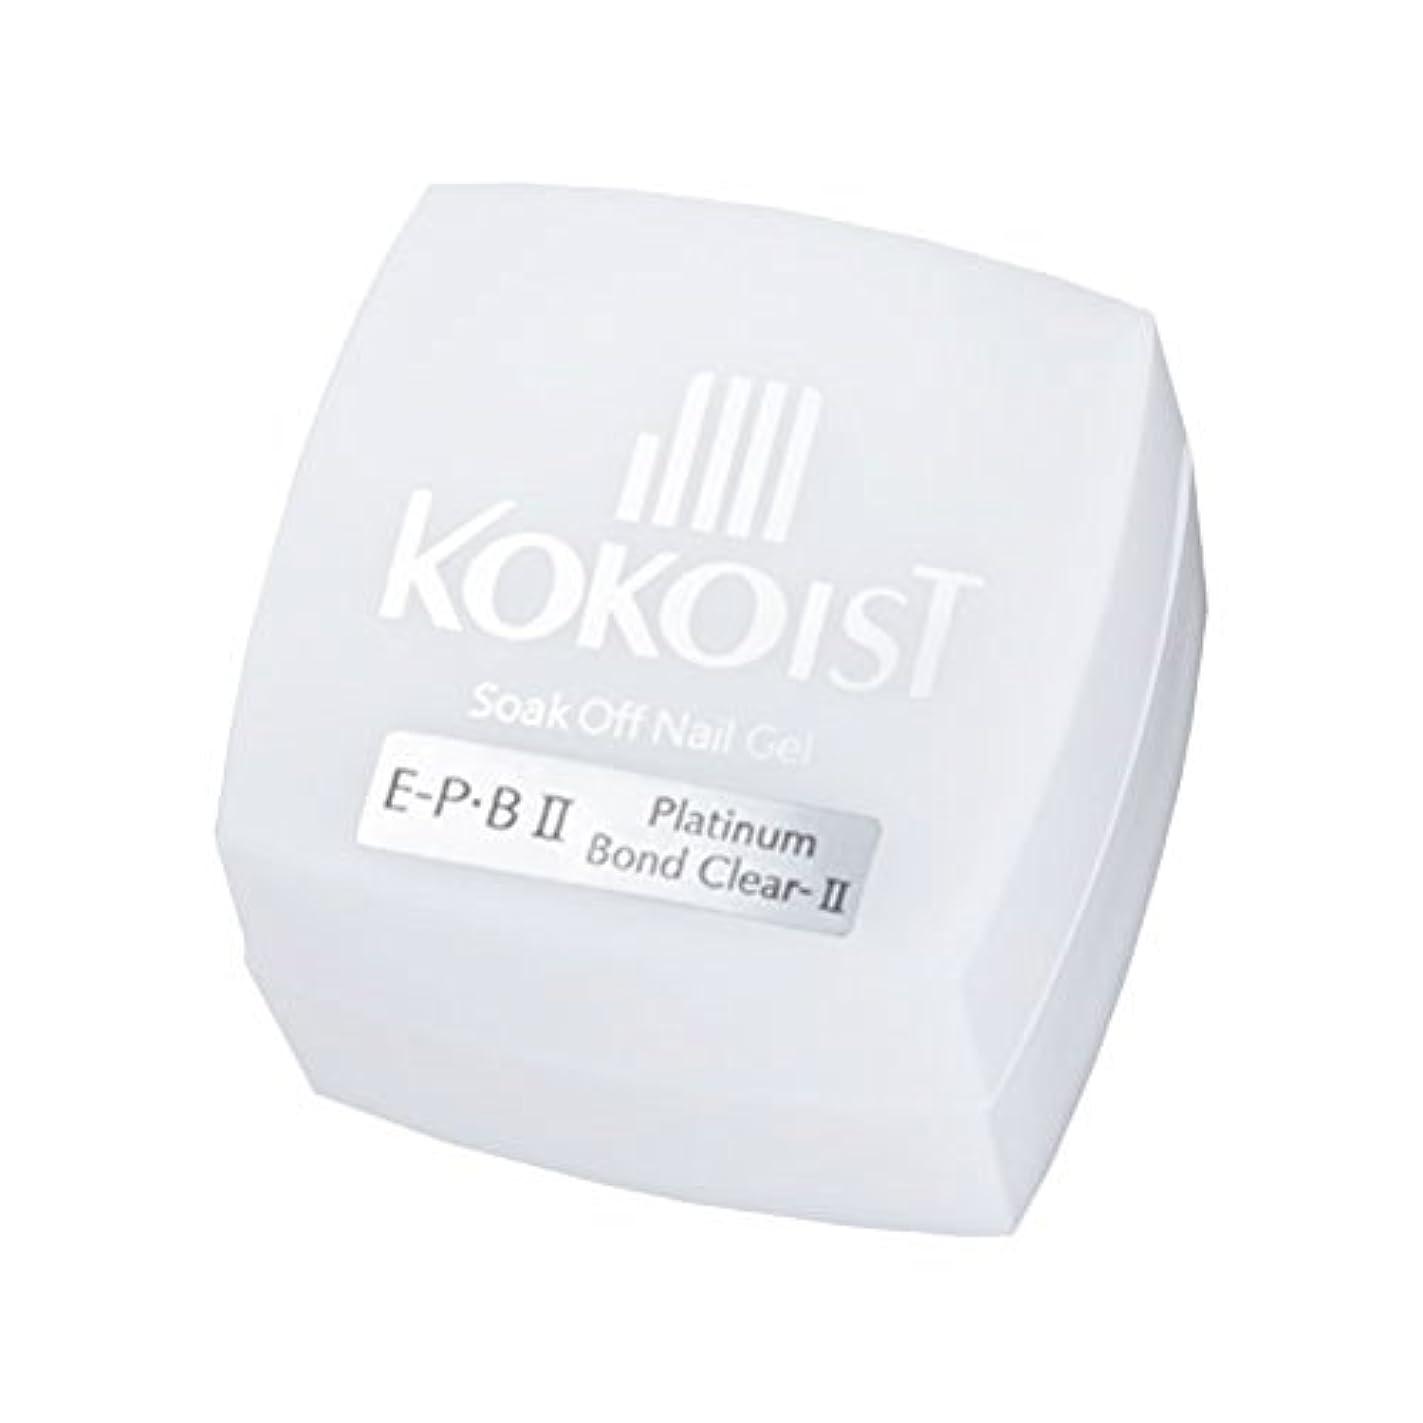 エアコンママ変成器KOKOIST フ゜ラチナホ゛ント゛II 4g ジェル UV/LED対応